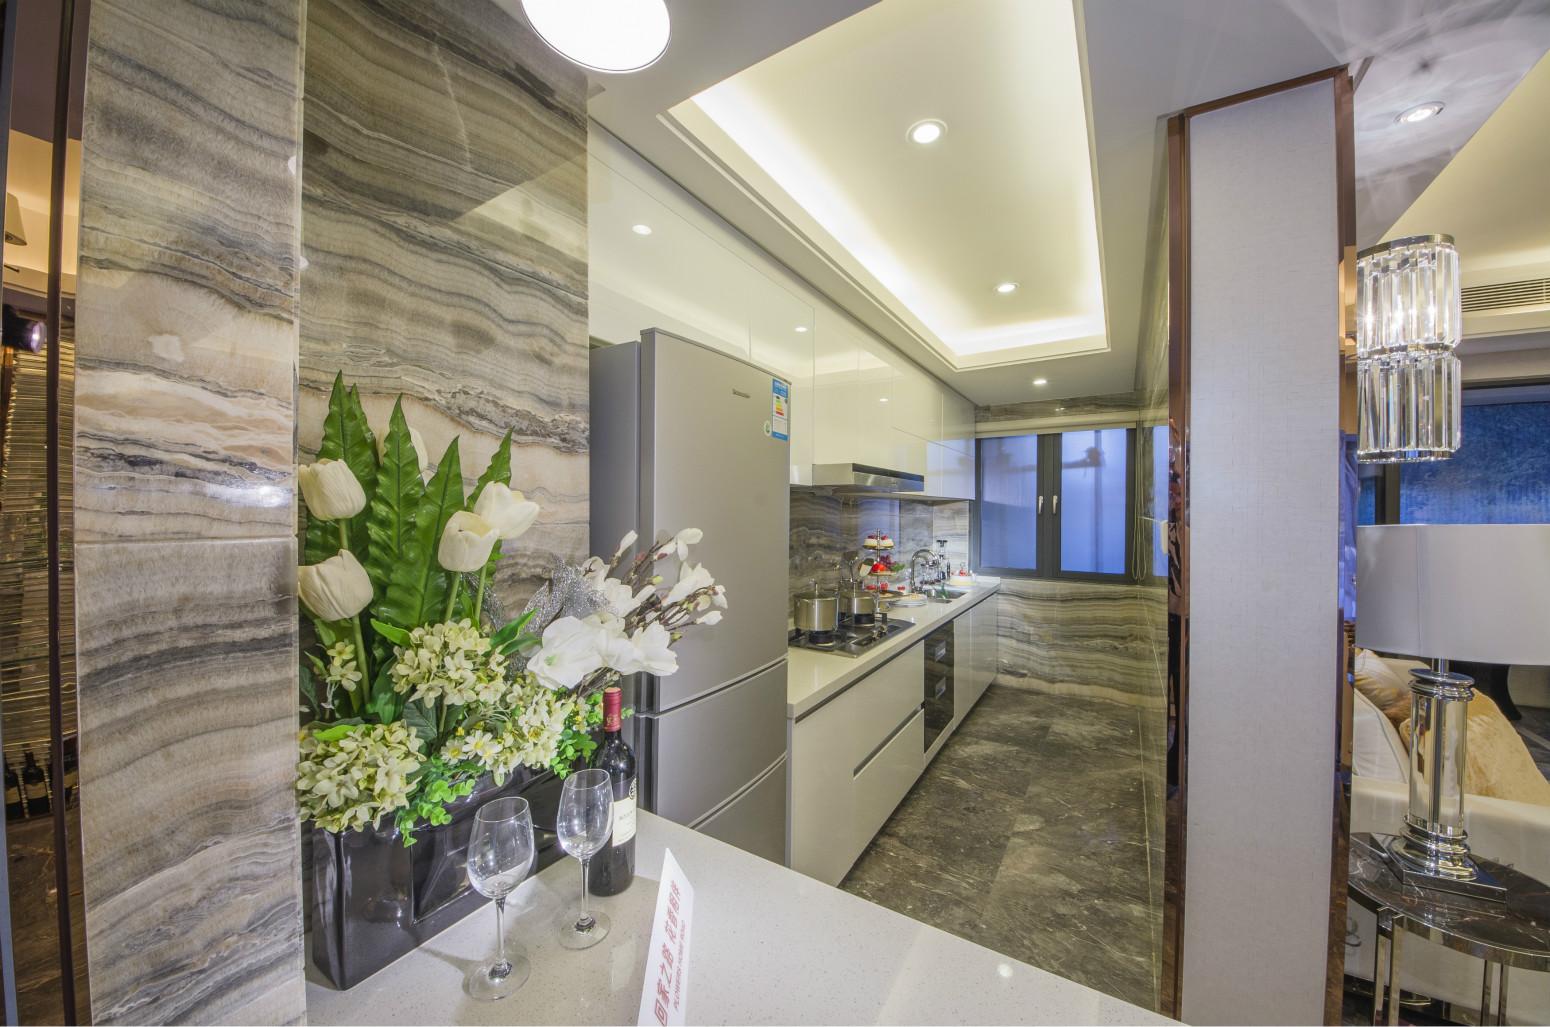 厨房与餐厅是半开放式的,餐边柜设计为吧台,即扩展了空间,又可以摆放一些简单的餐具